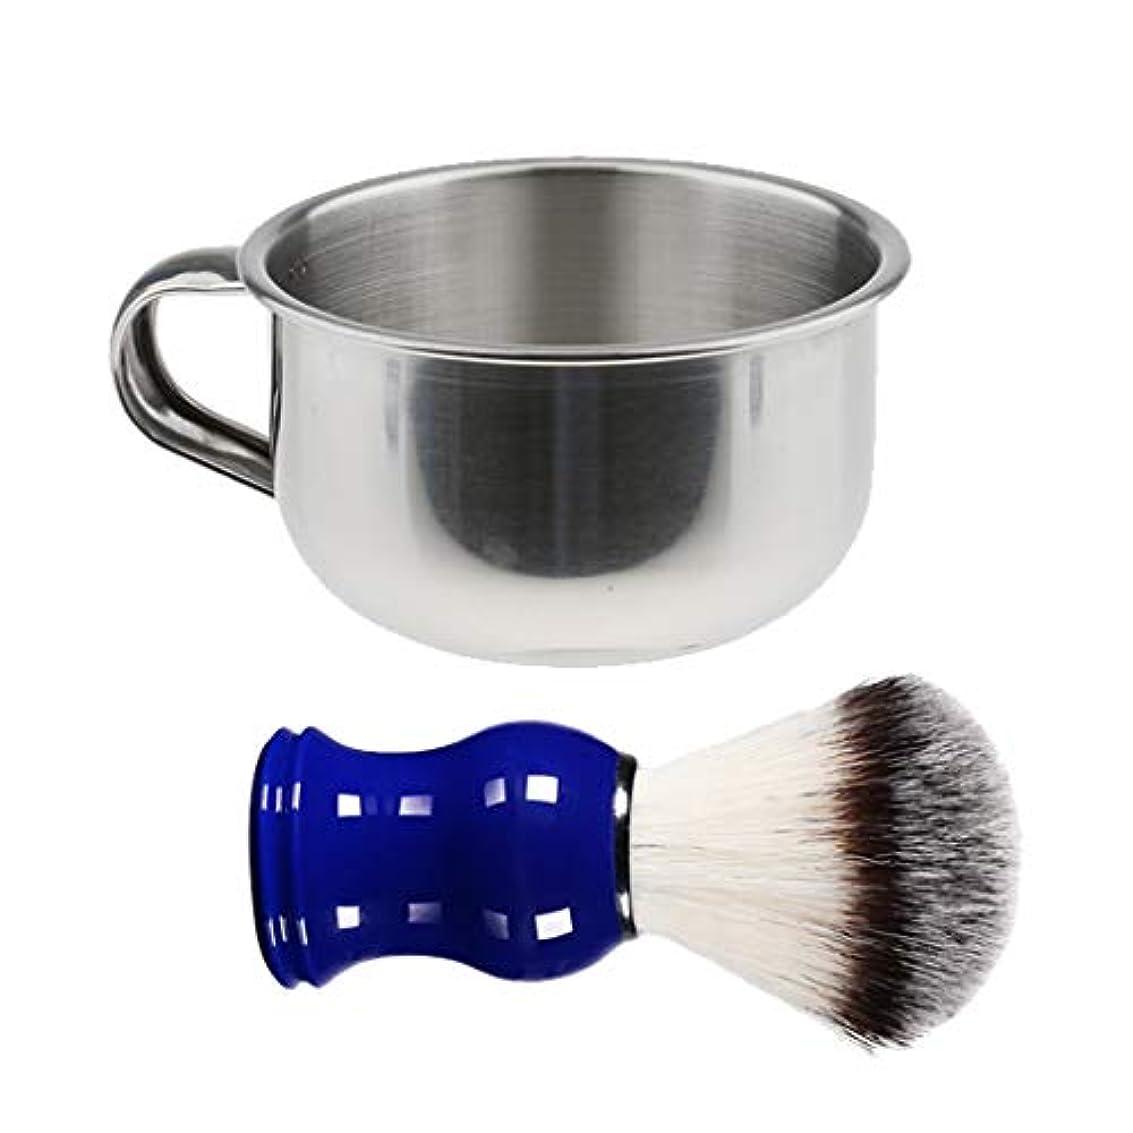 謎めいたしっとりクリスチャンHellery シェービングボウル ステンレス製 シェービング用ブラシ 理容 洗顔 髭剃り メンズ アクセサリー